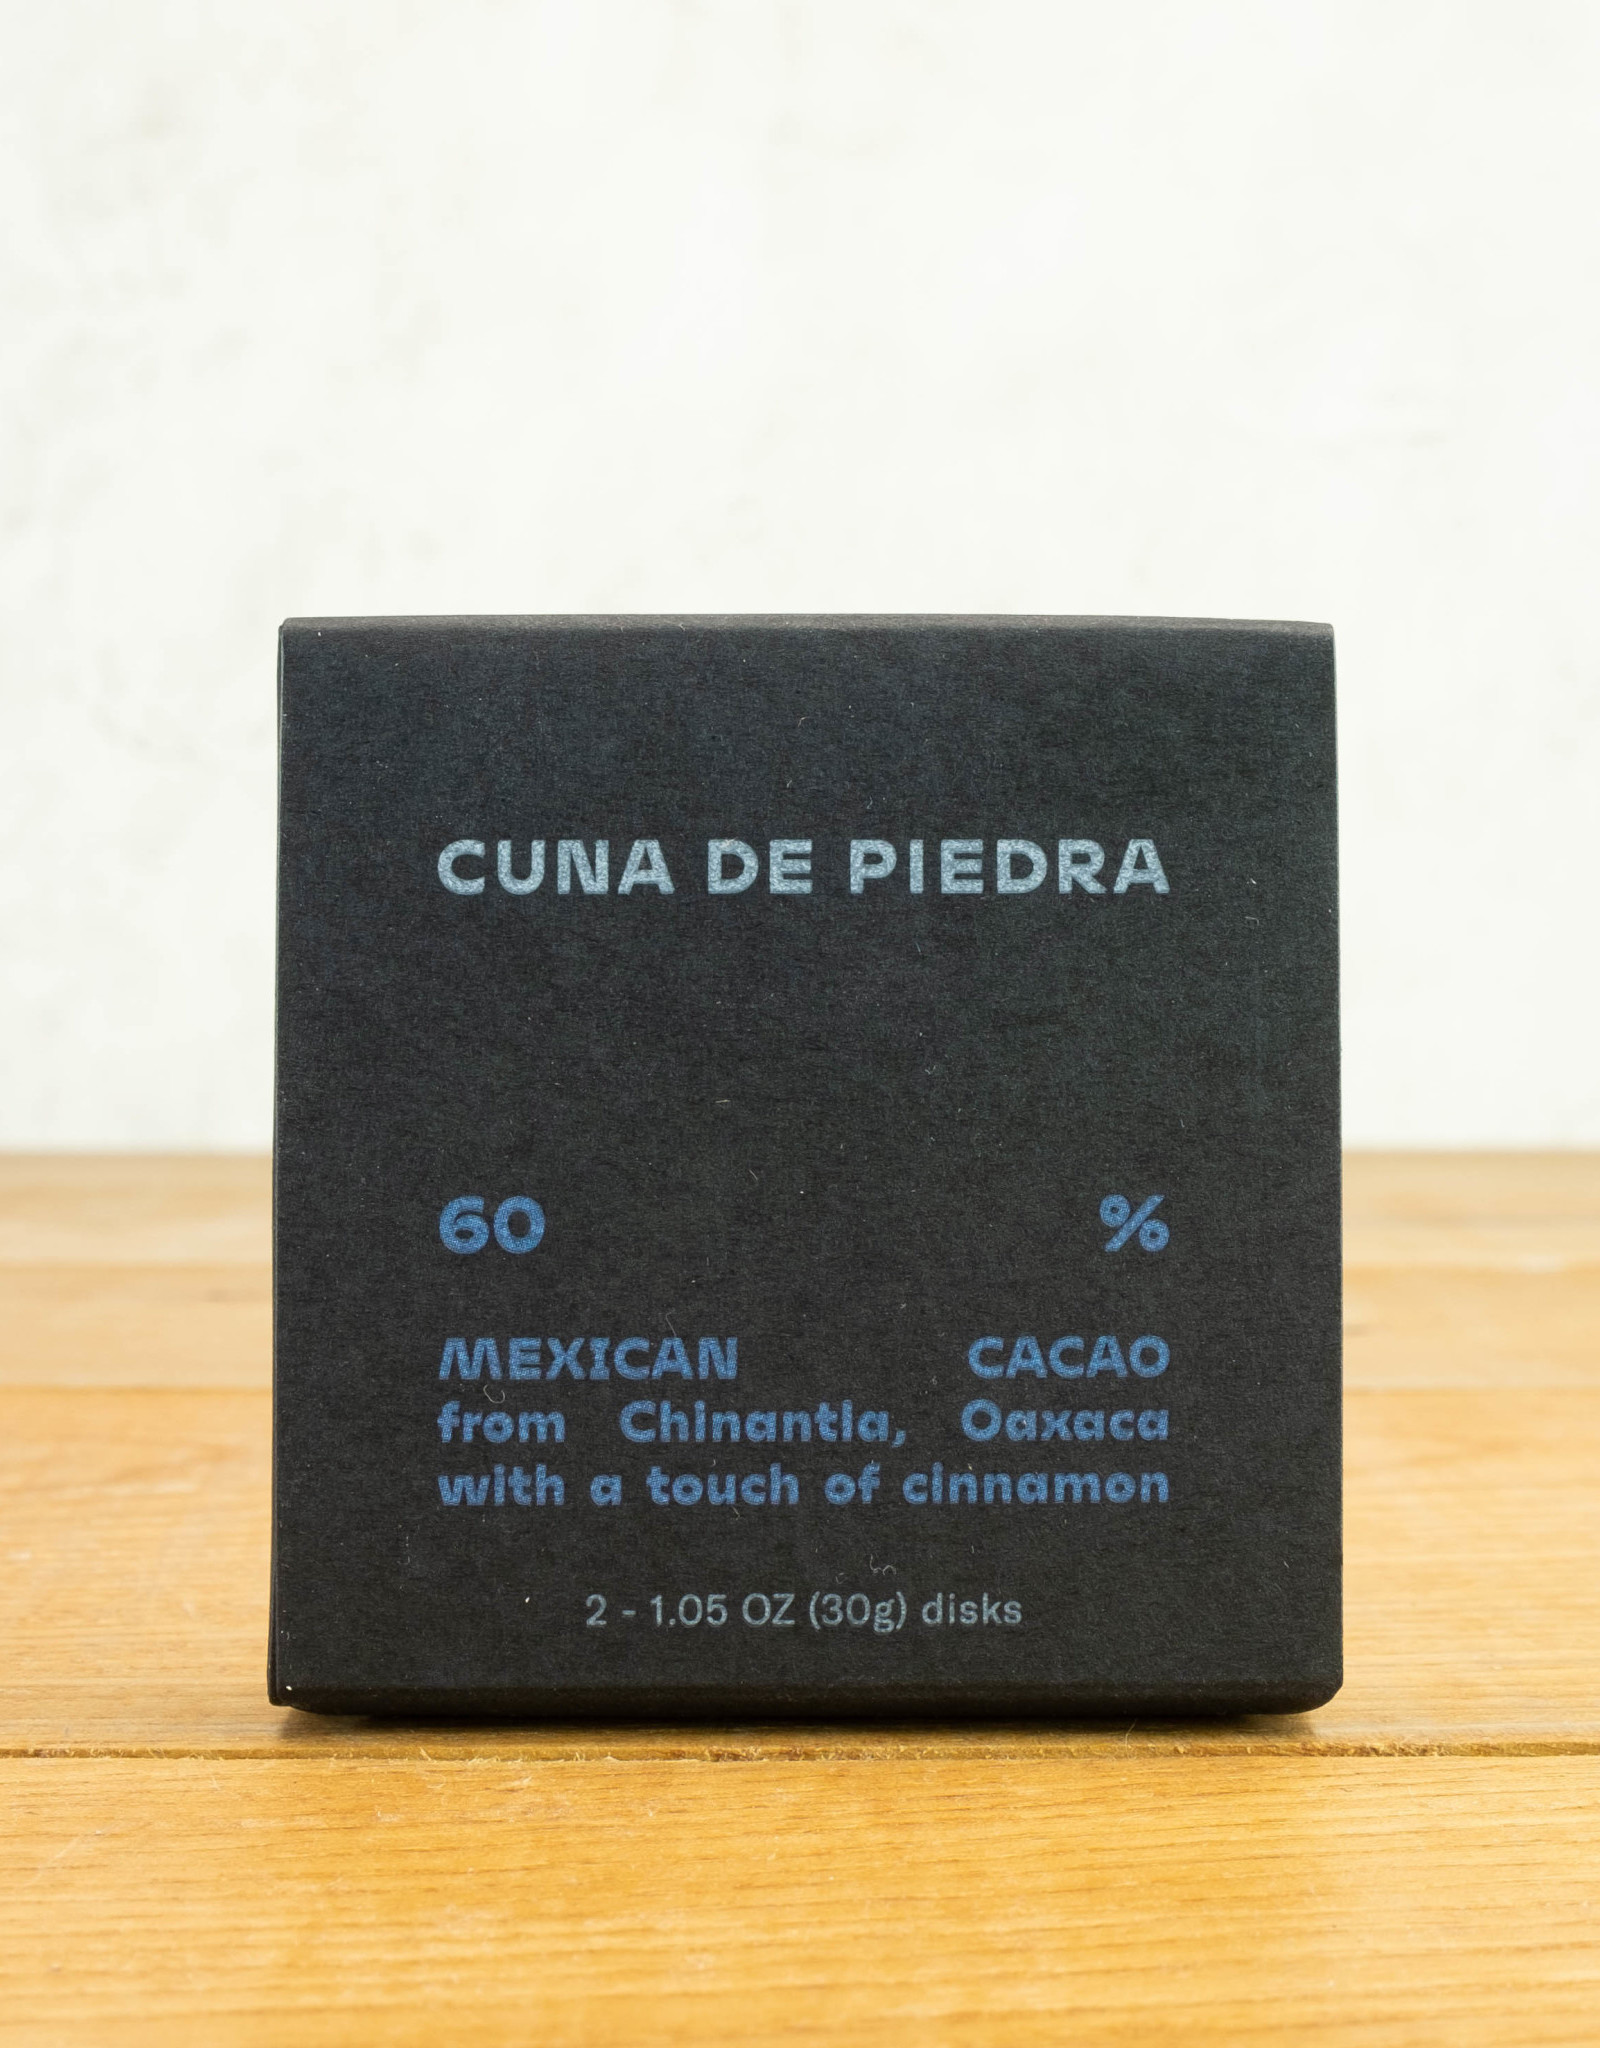 Cuna de Piedra Cacao with Cinnamon